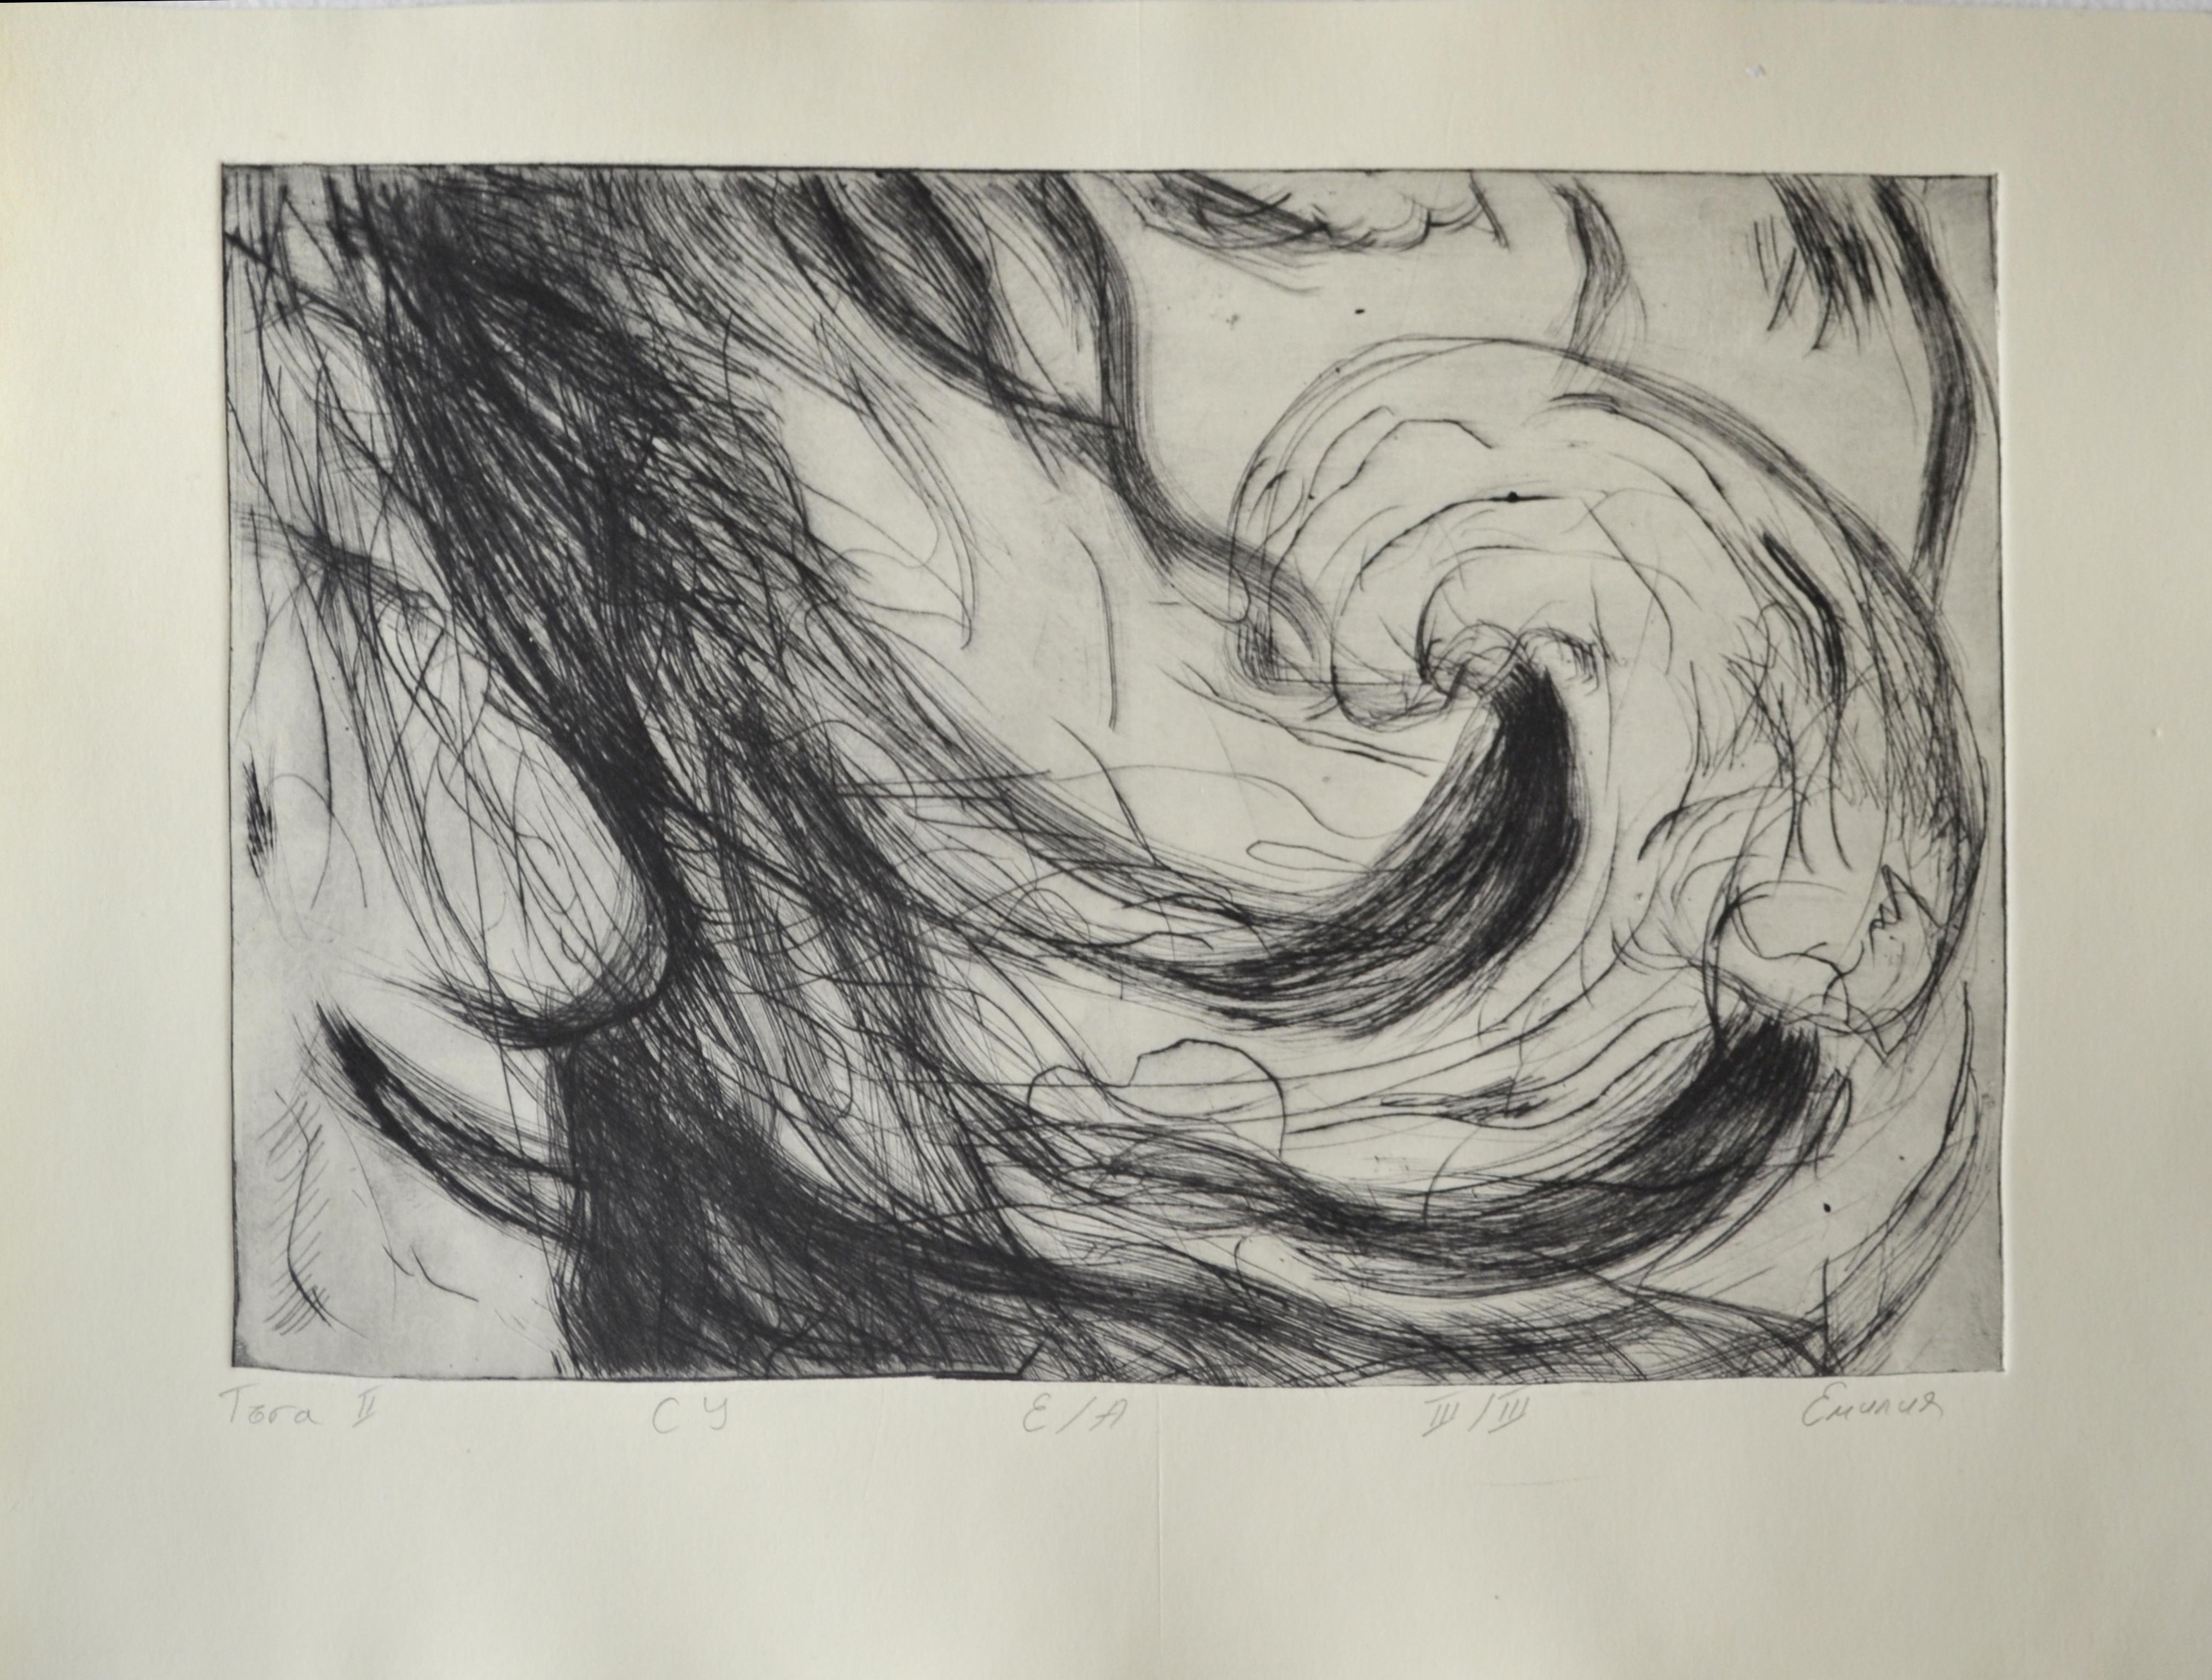 """Емилия Николова, специалност """"Изобразително изкуство"""", Тъга I, 2019 / Emilia Nikolova, degree programme """"Fine Arts"""",Sadness II, 2019"""